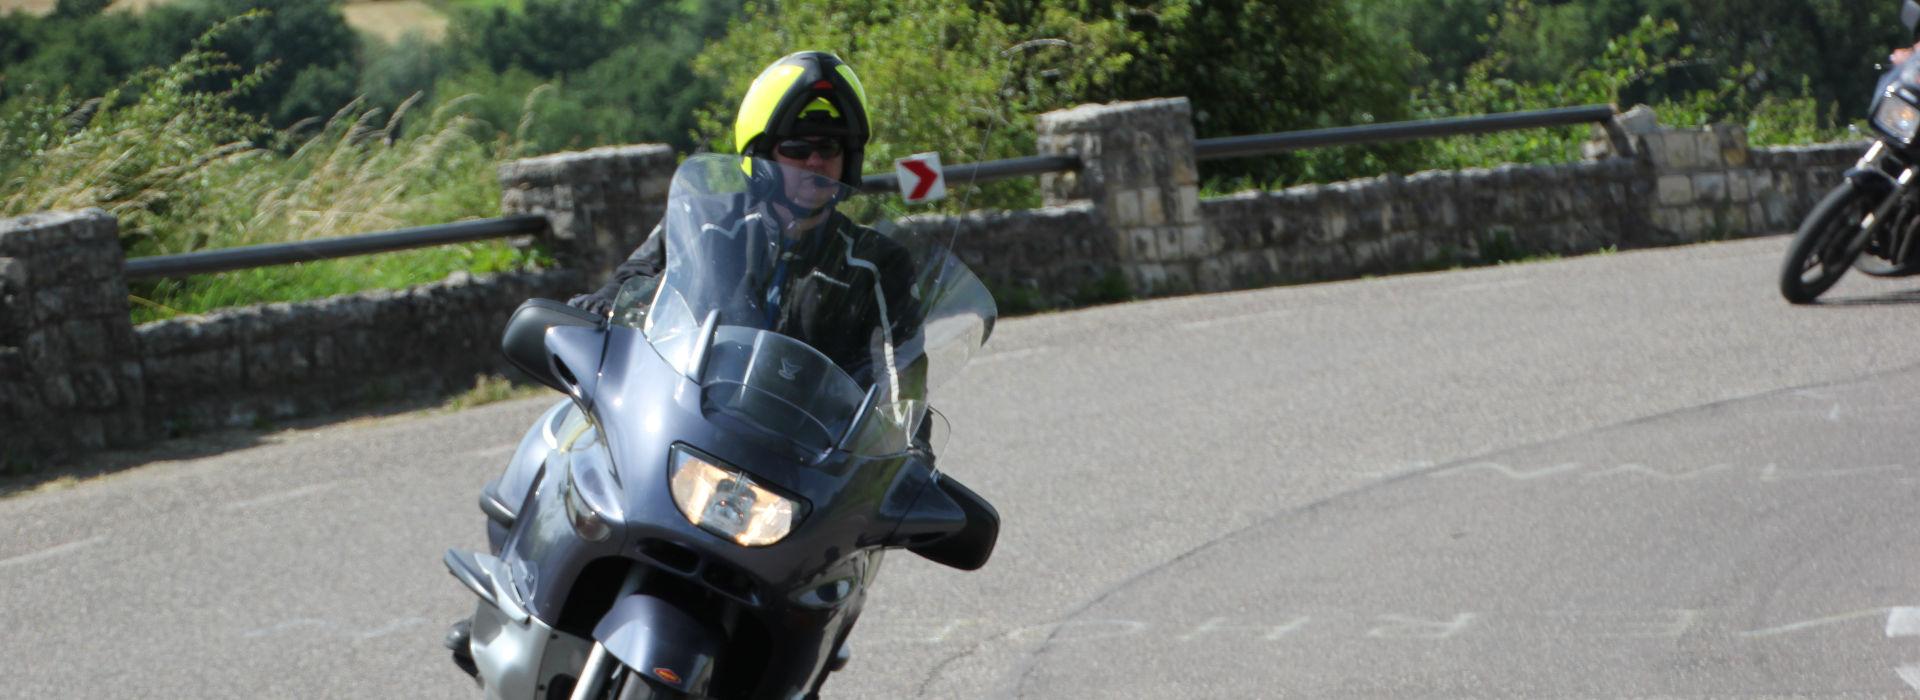 Motorrijbewijspoint Ulestraten spoed motorrijbewijs